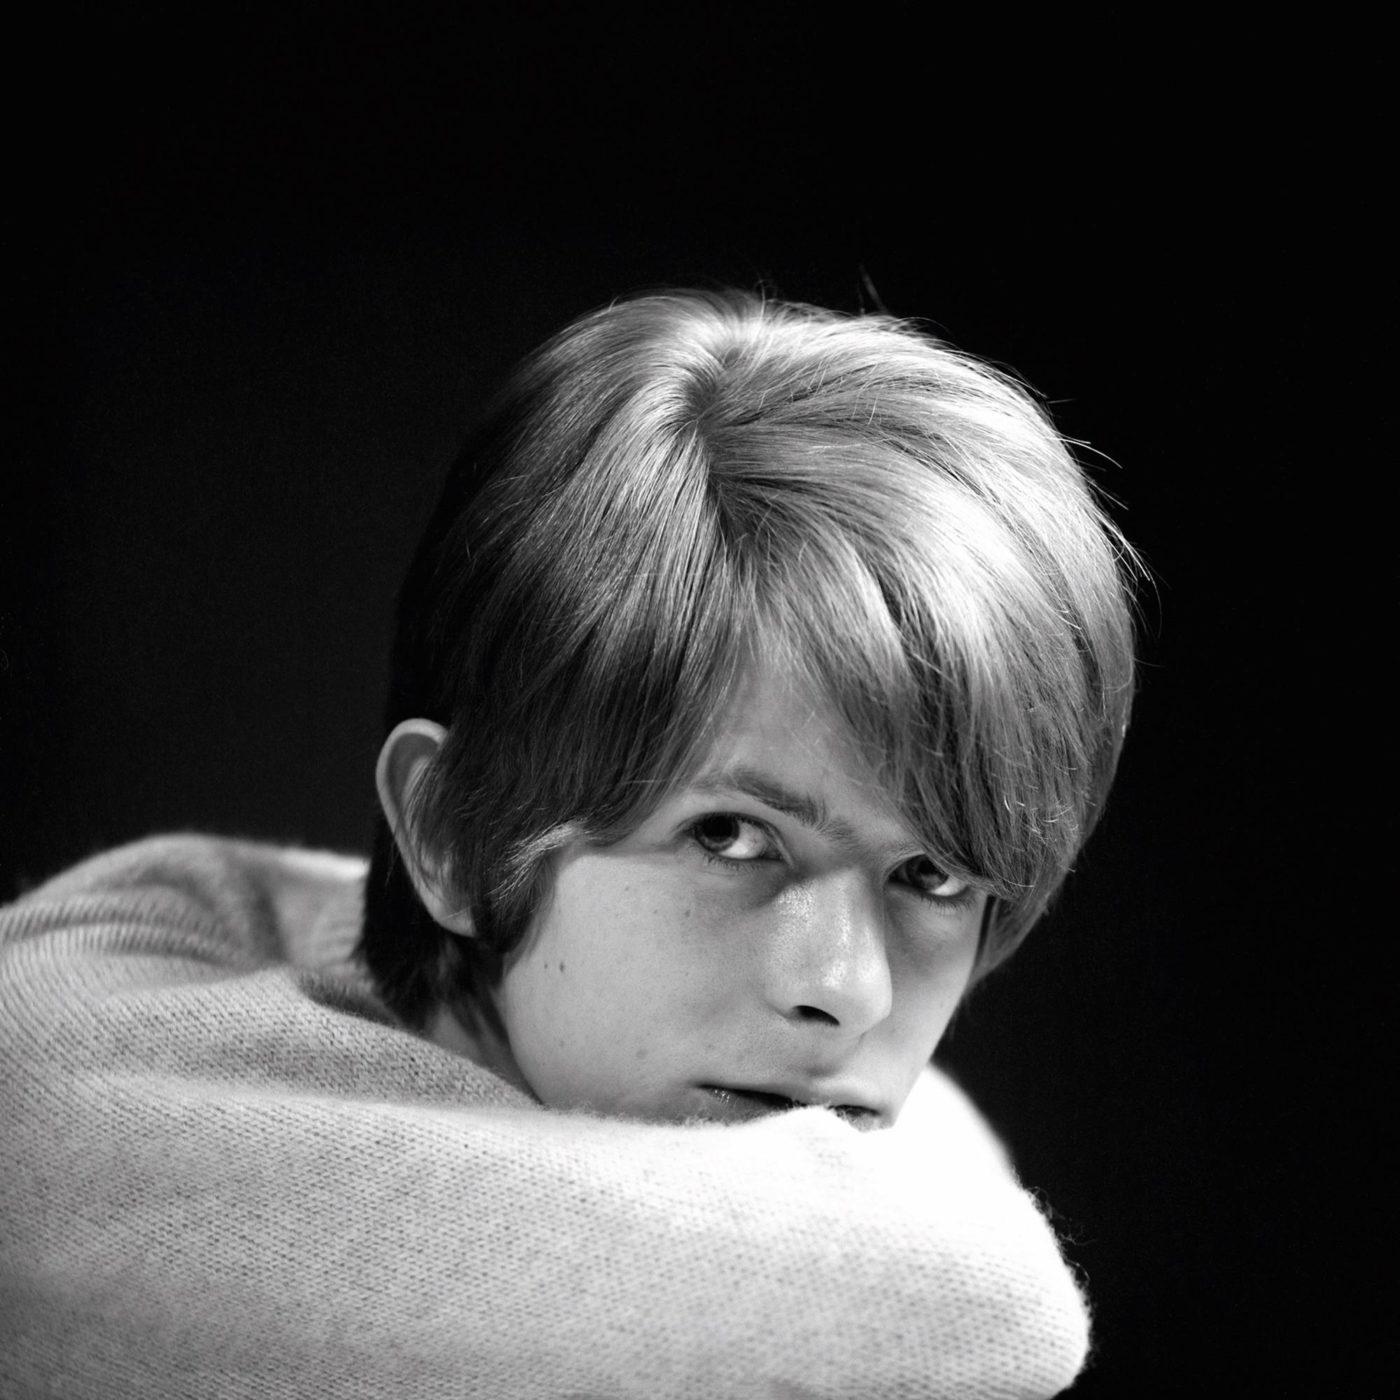 Czarno-biała fotografia blondwłosego mężczyzny opartego na swoim przedramieniu, ubranego w biały sweter